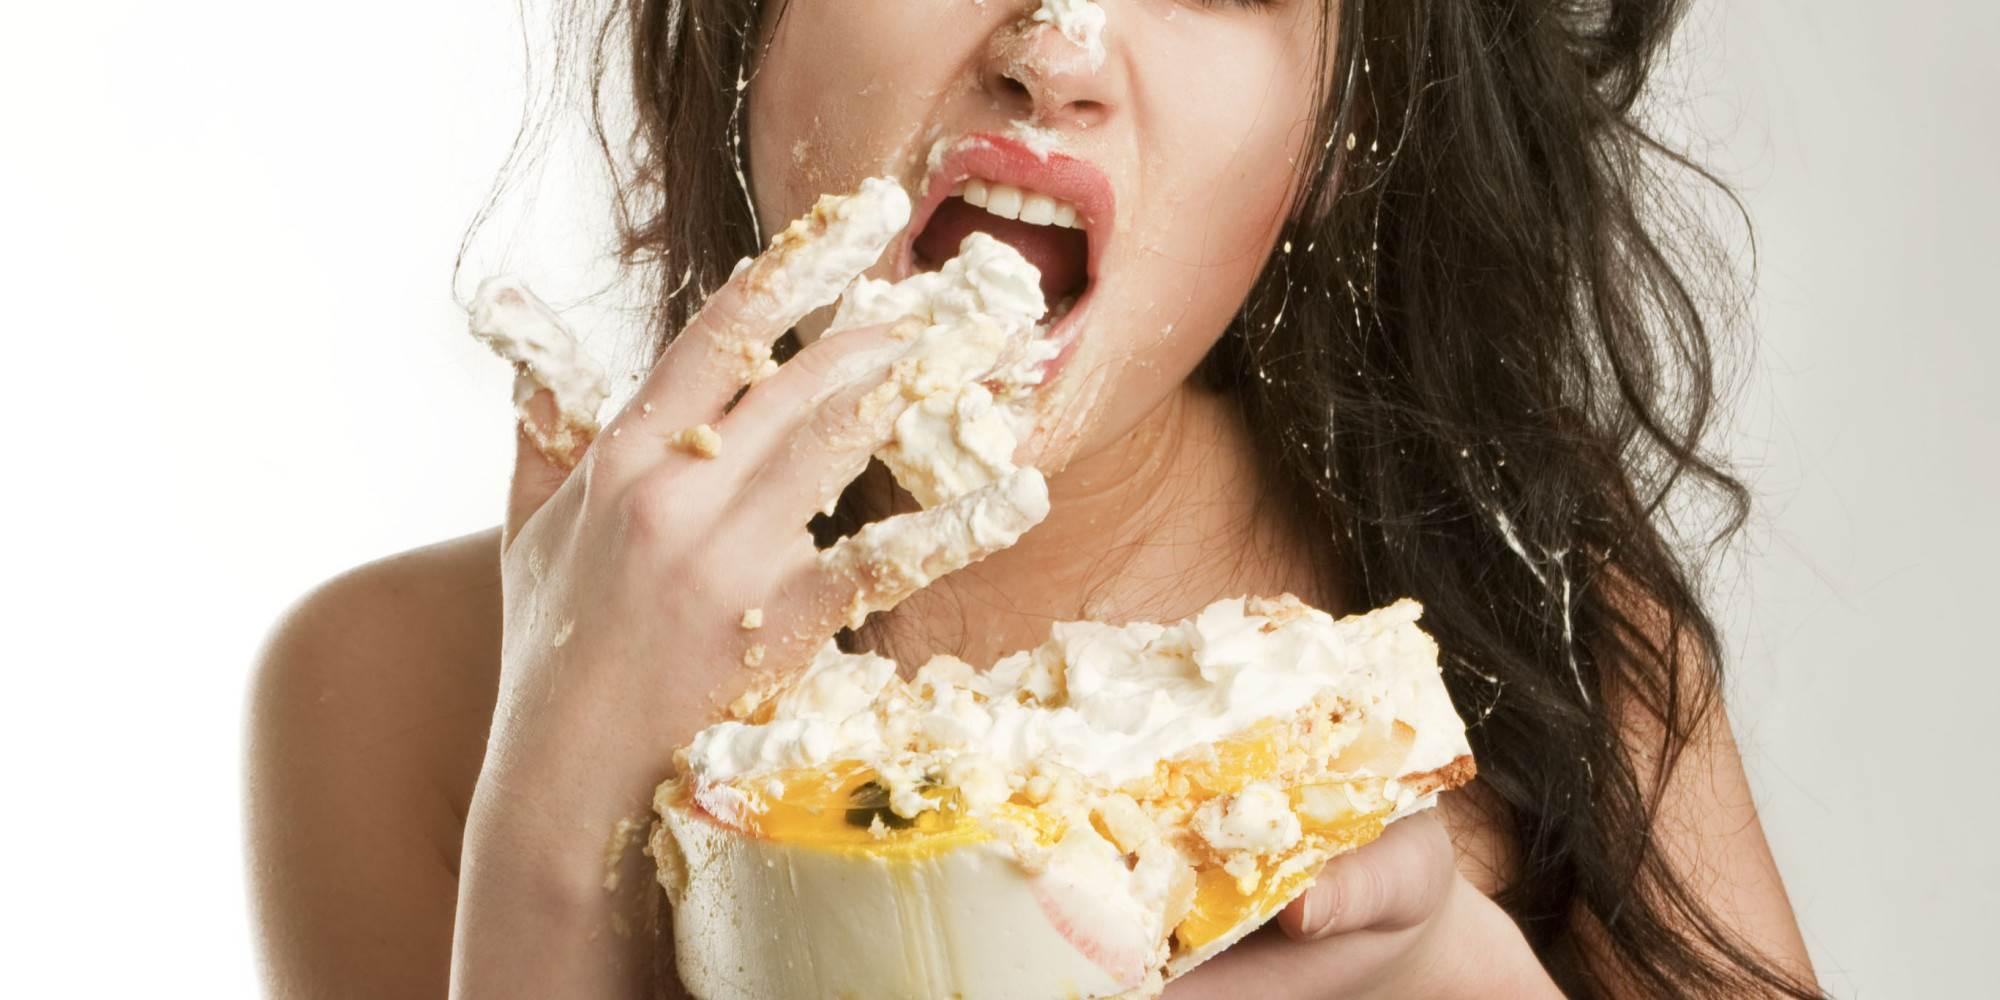 люди которые едят сладкое картинки